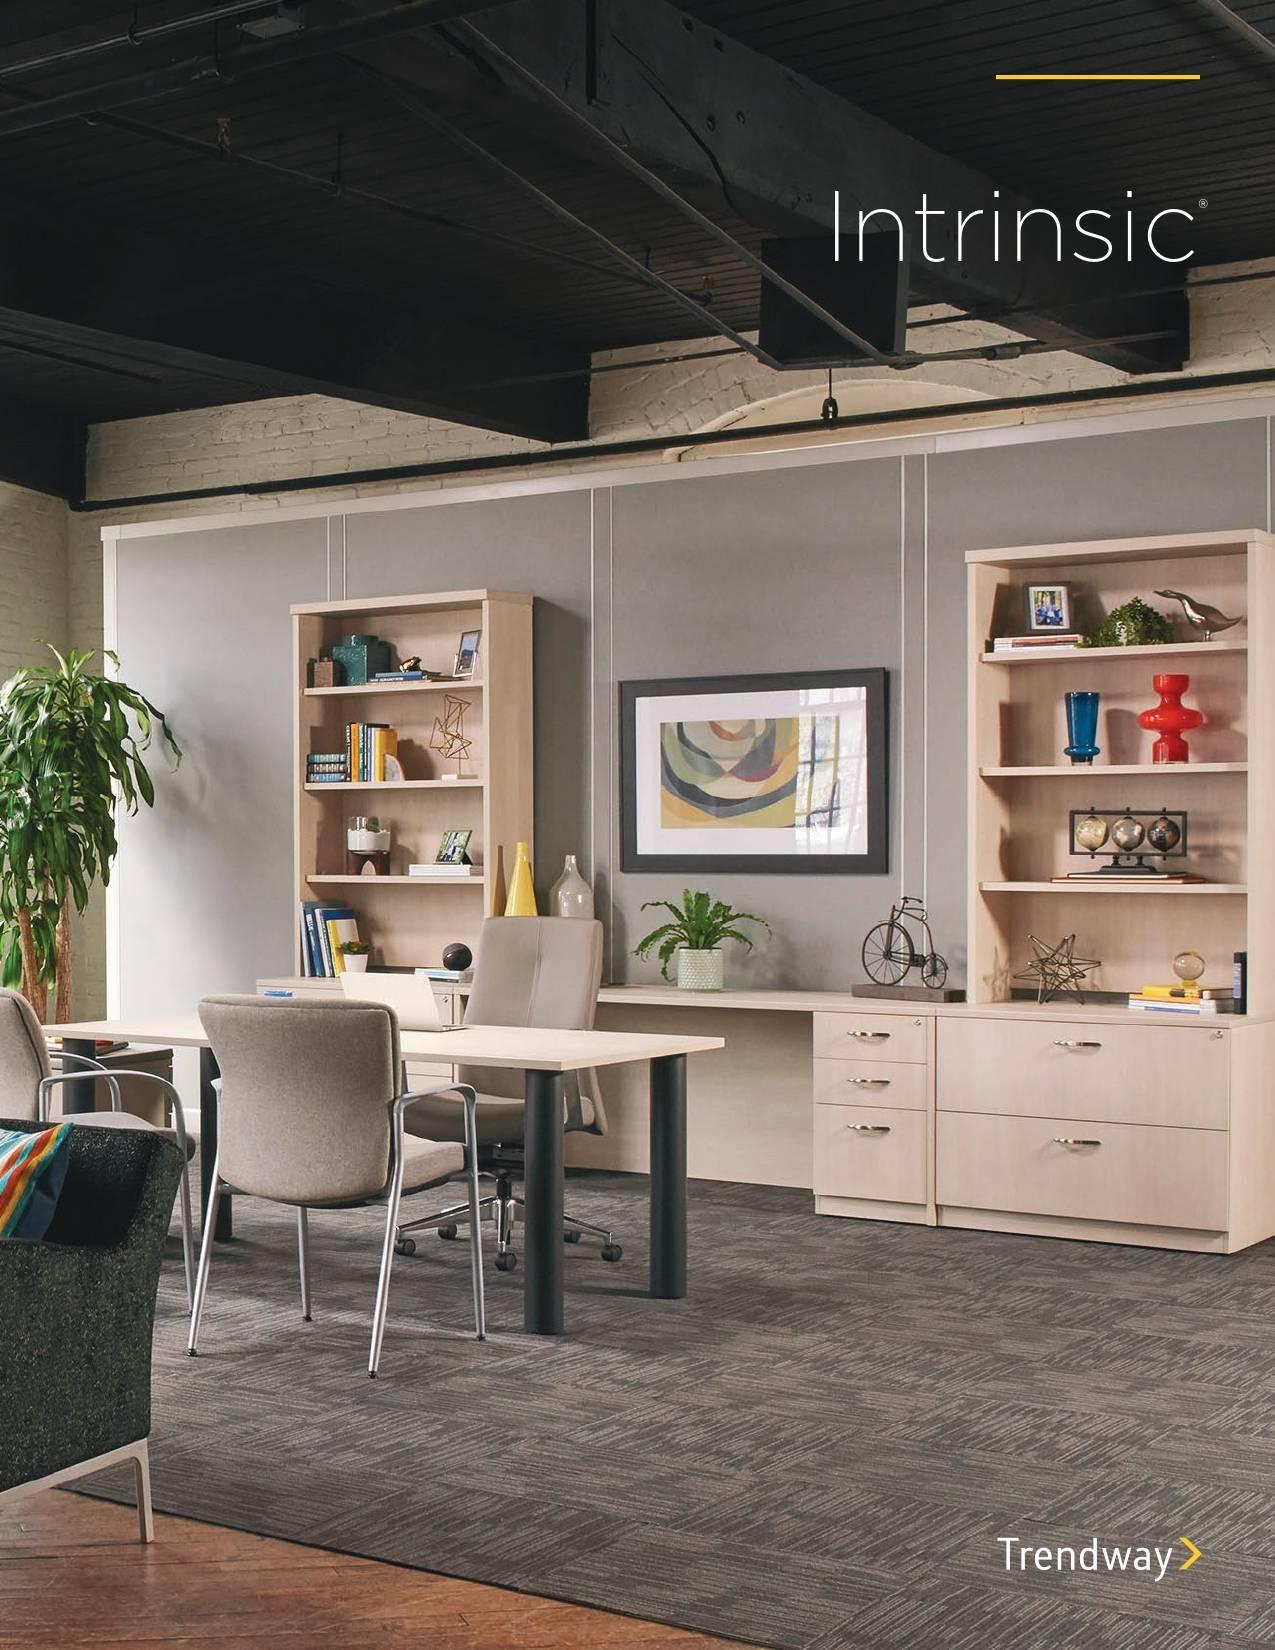 Trendway Furniture Intrinsic Casegoods Brochure